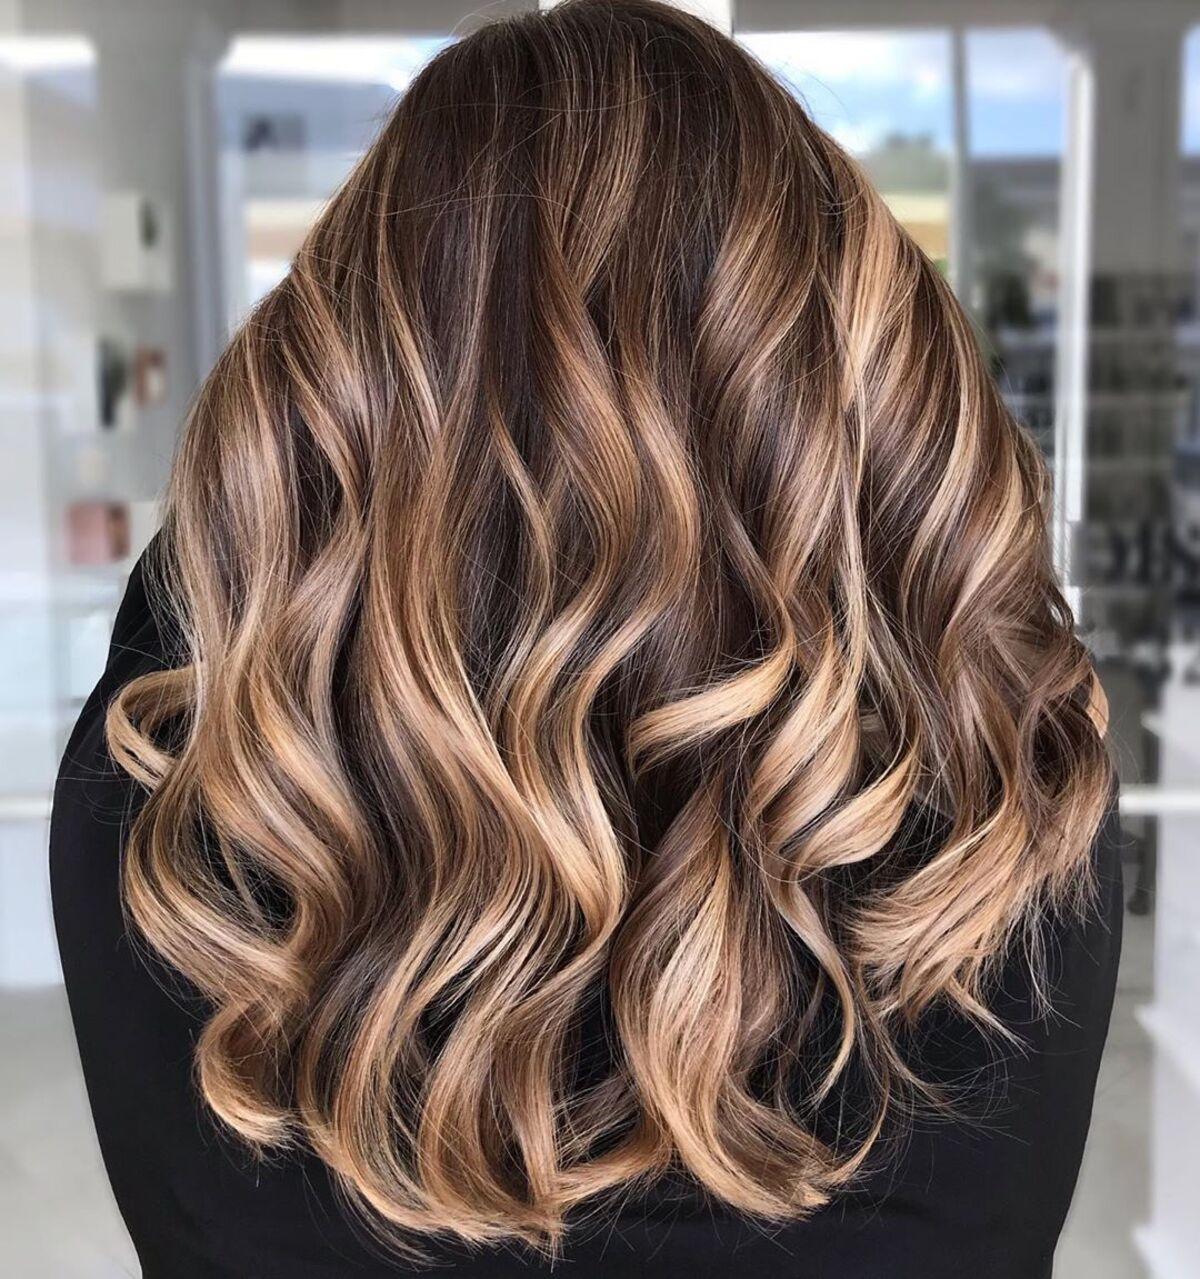 cheveux bruns foncés avec des mèches blondes claires